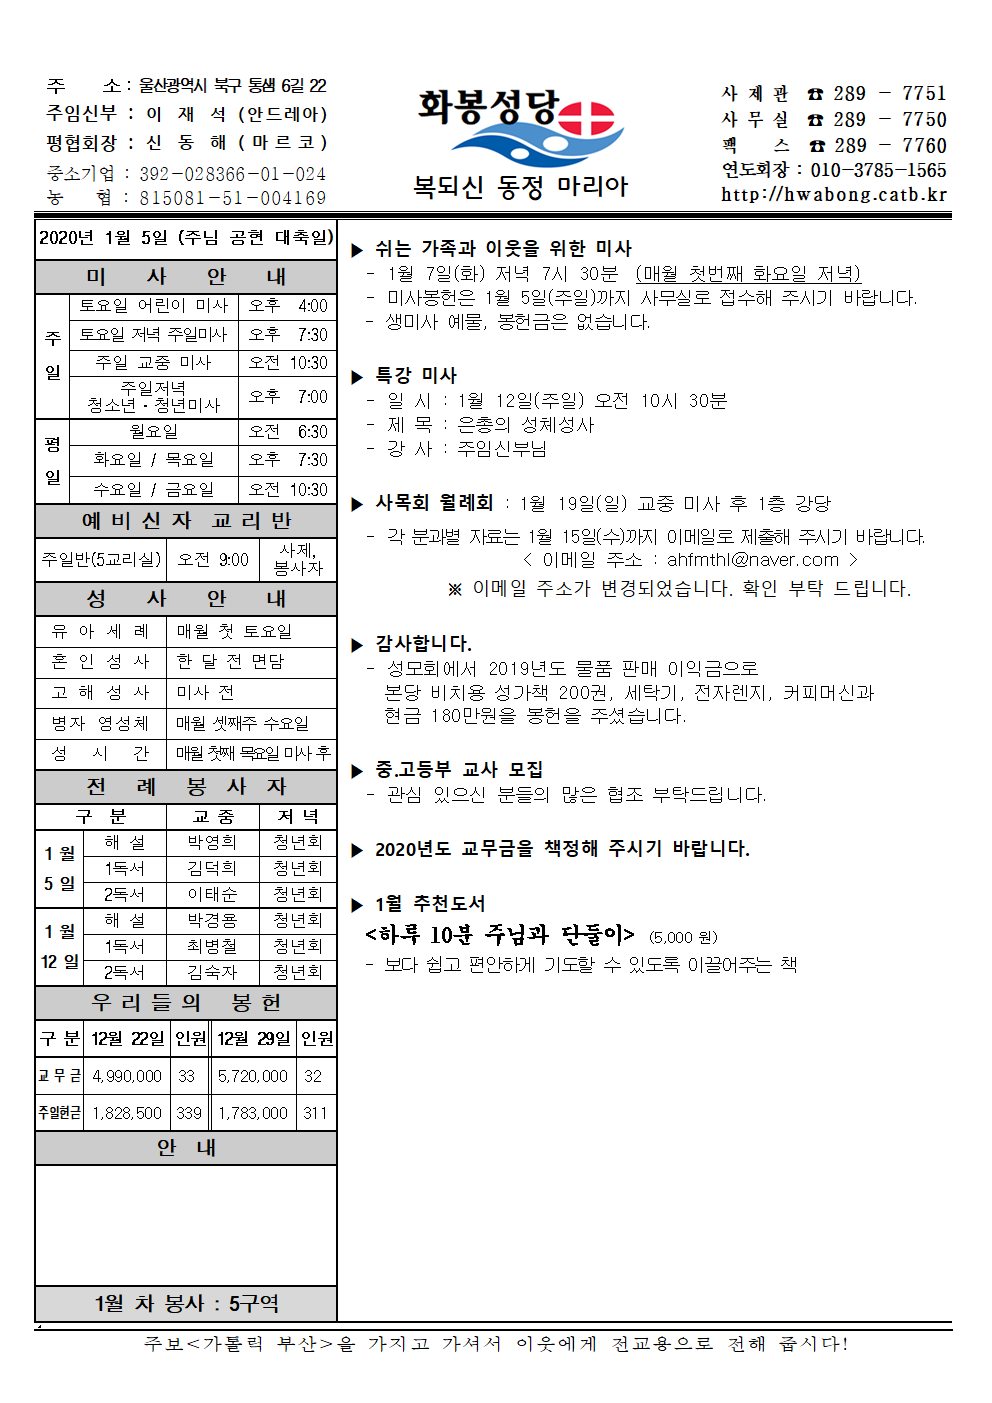 화봉성당20200105주보.png